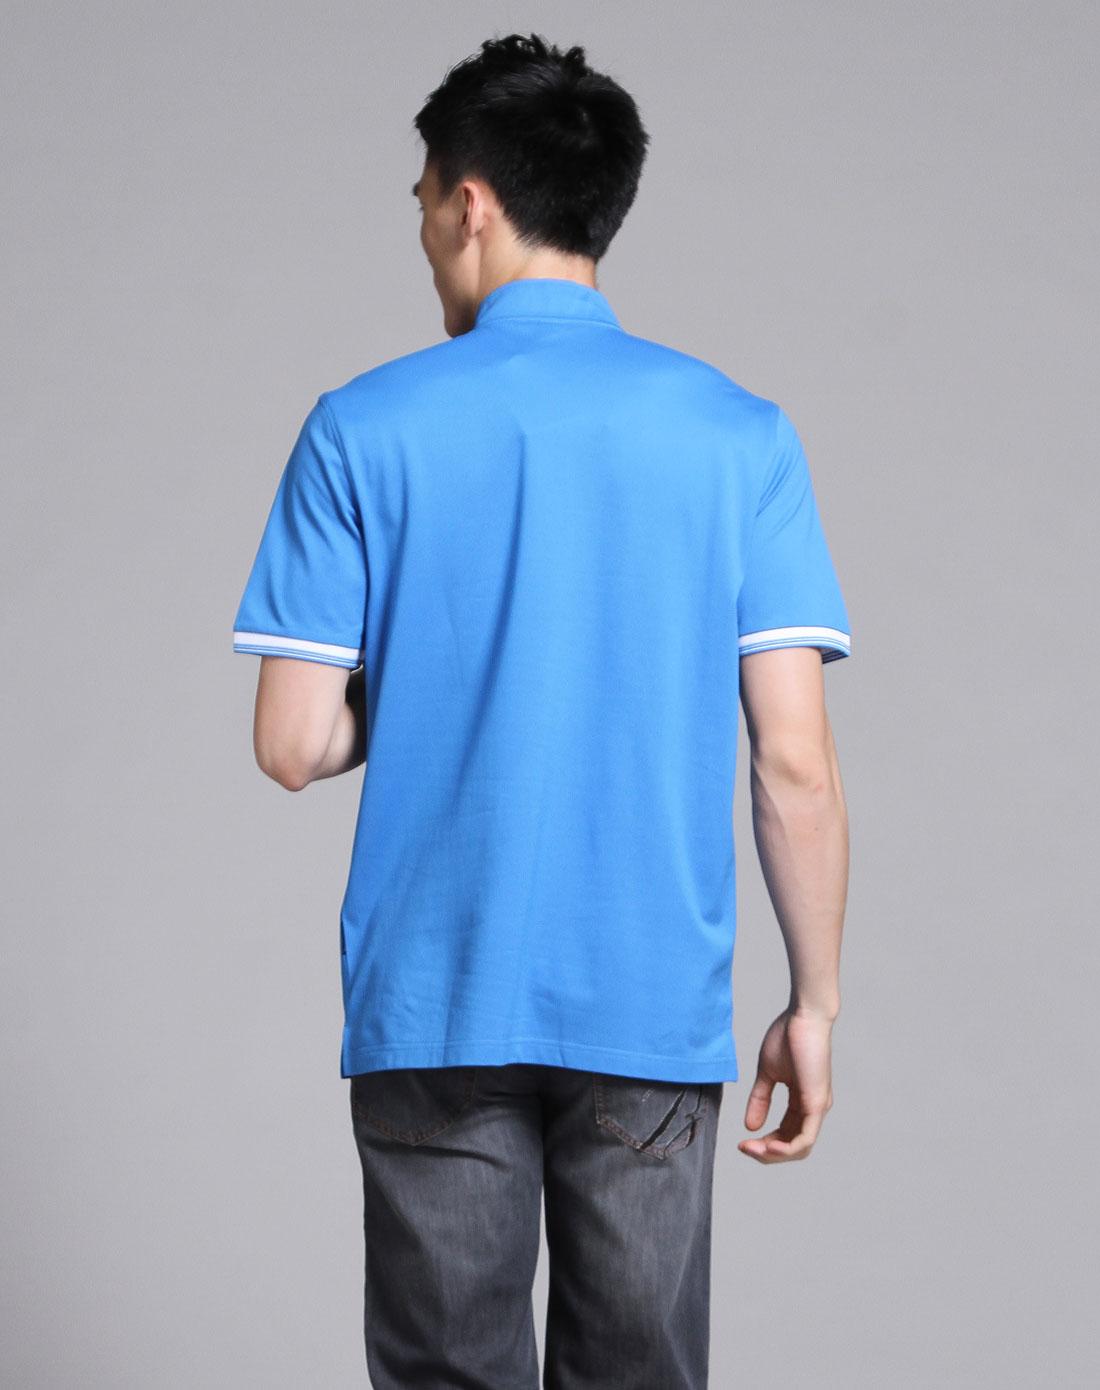 蓝色简洁立领短袖t恤